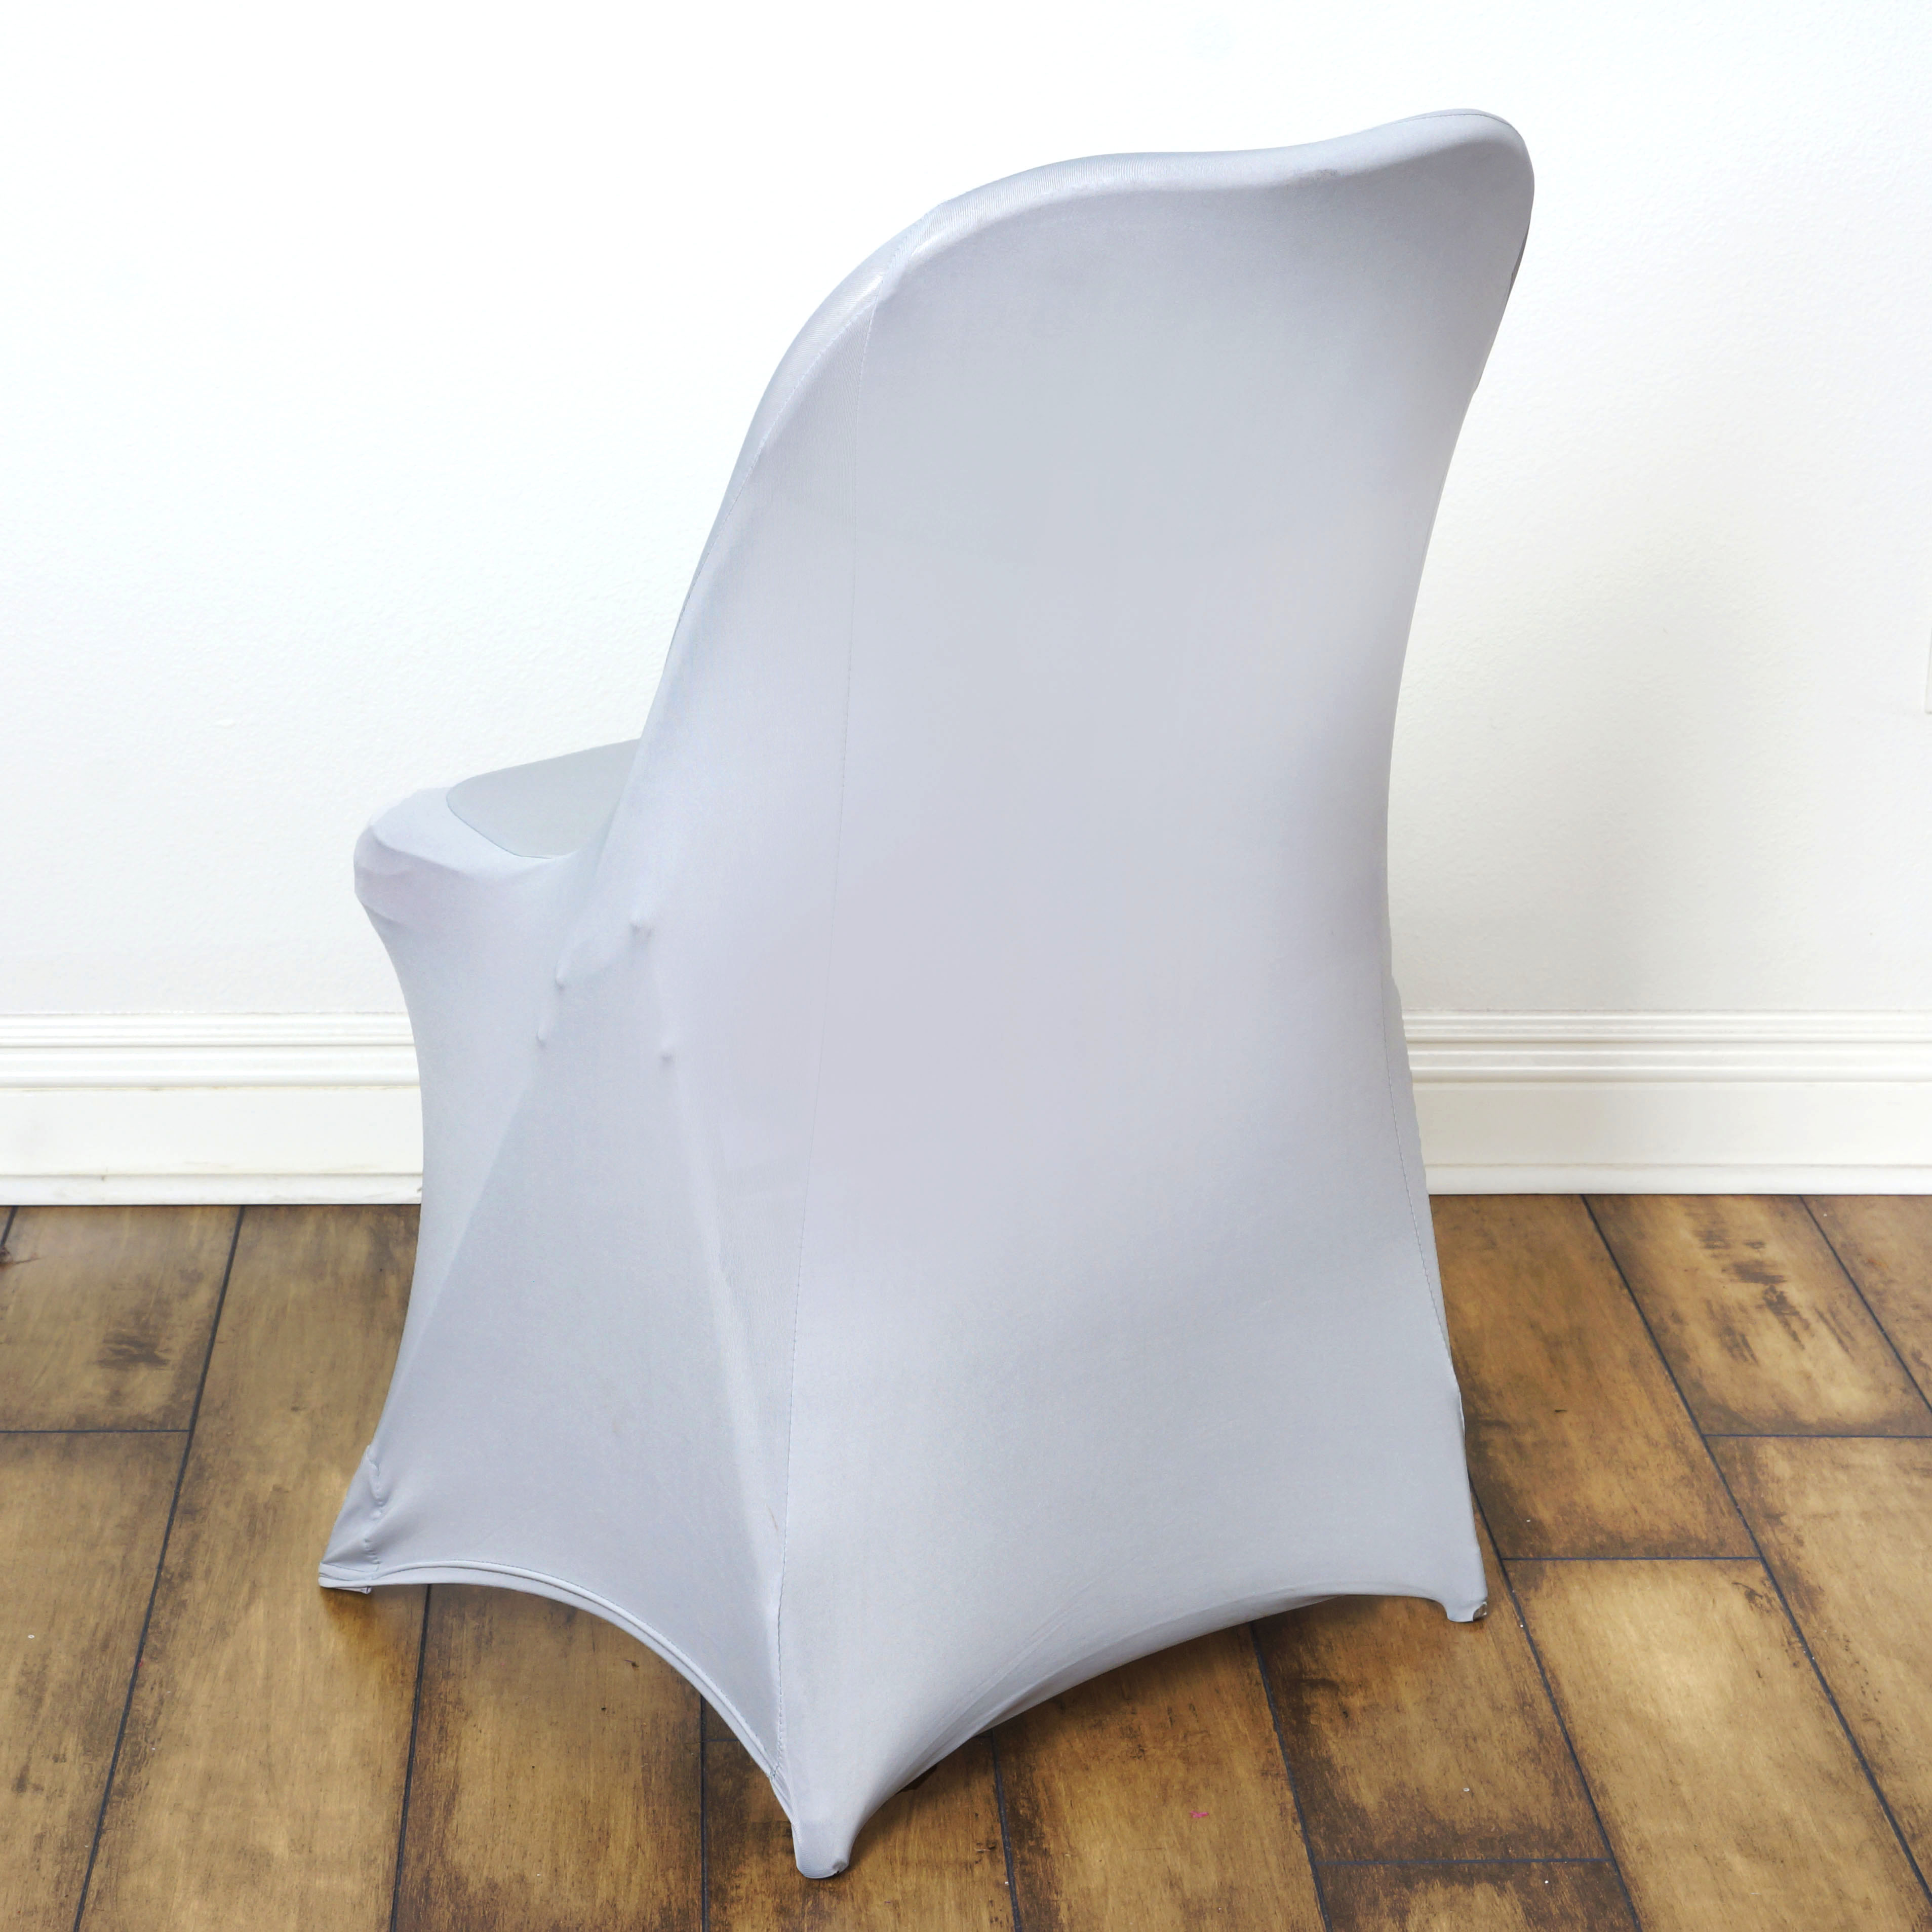 Folding chair covers wholesale under 1 - 50 pcs spandex fitted folding chair covers for